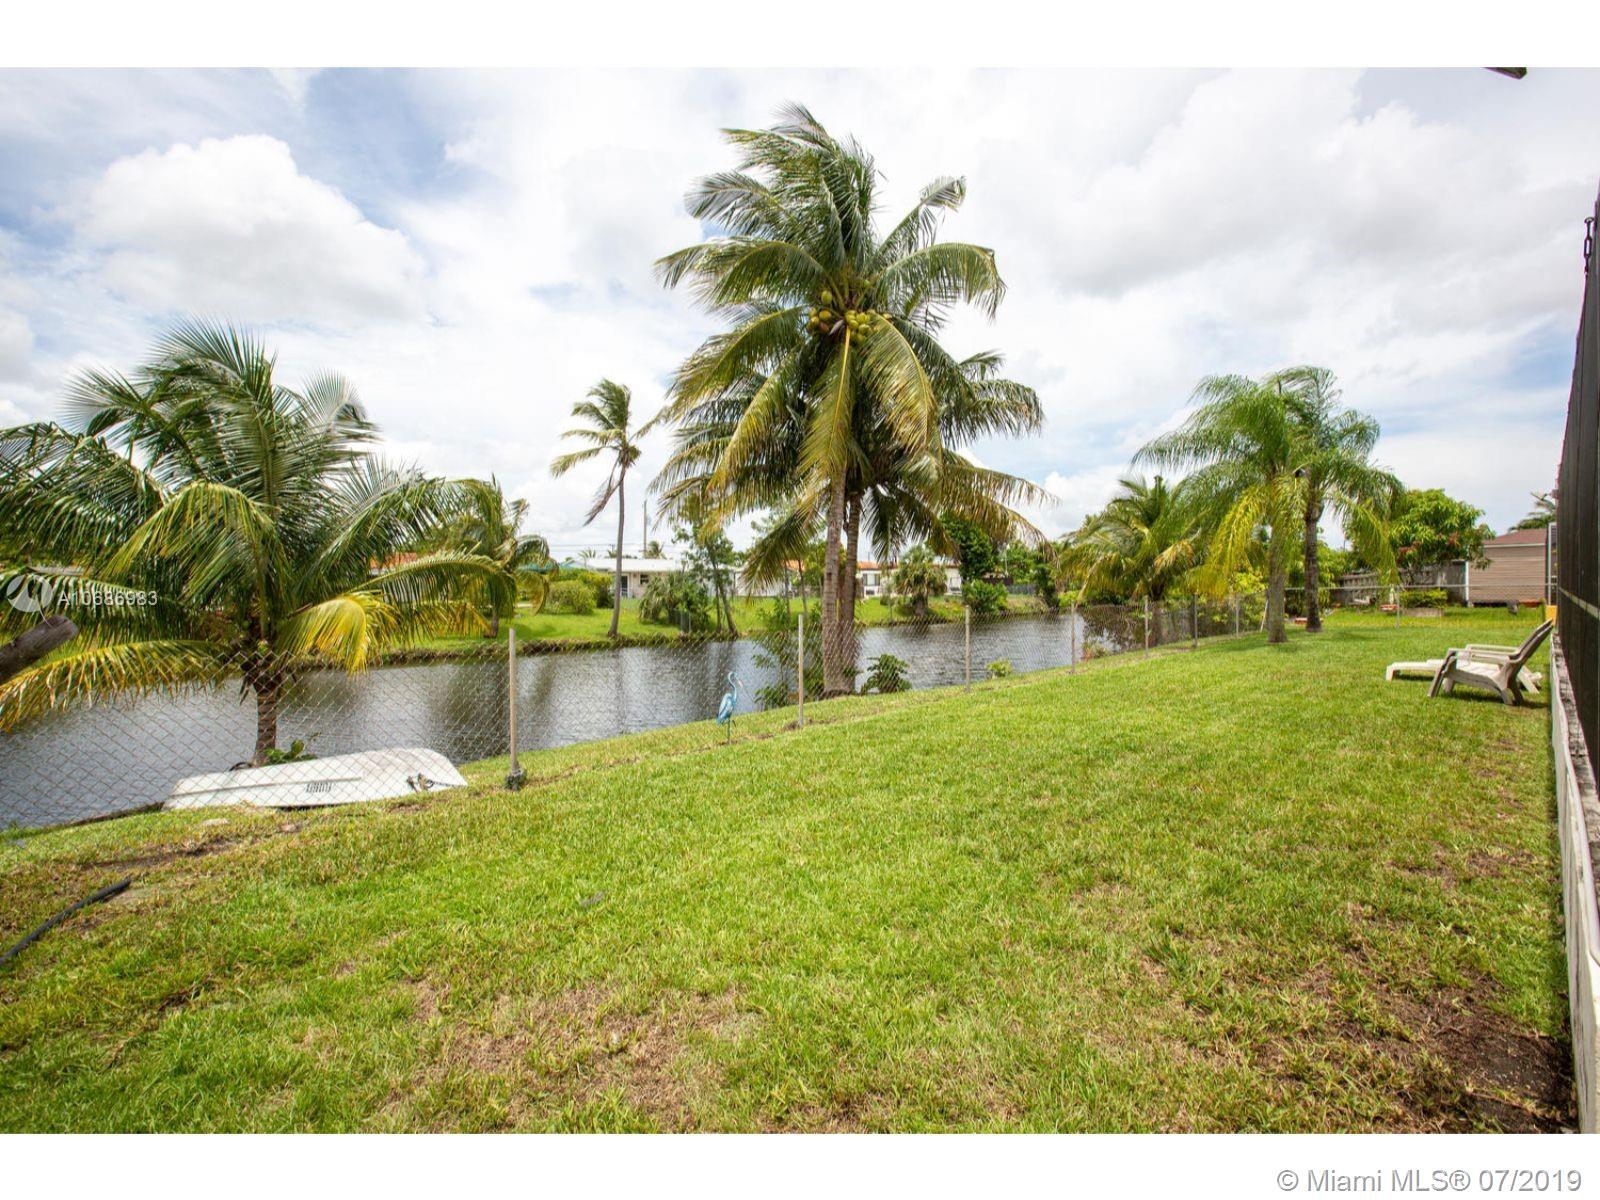 Coral Park Estates # - 09 - photo